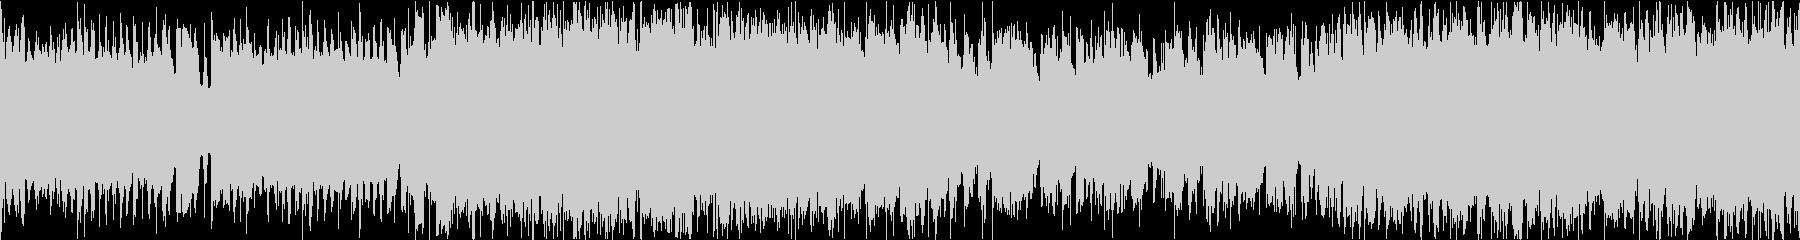 明るいギターロックインスト/ループの未再生の波形